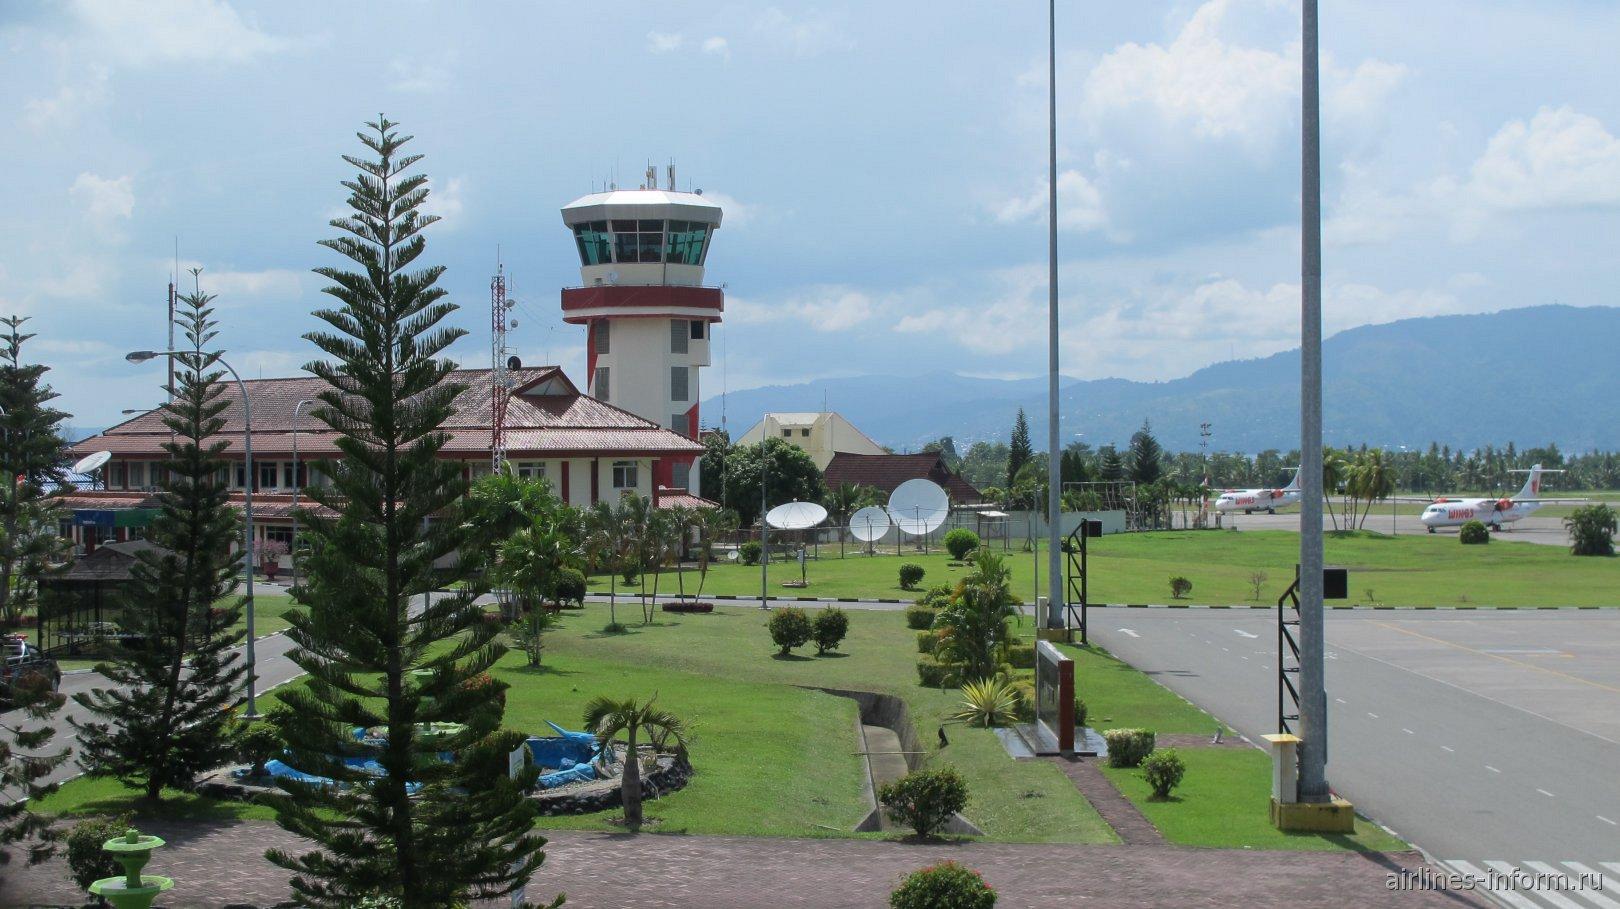 Башня управления аэропорта Паттимура